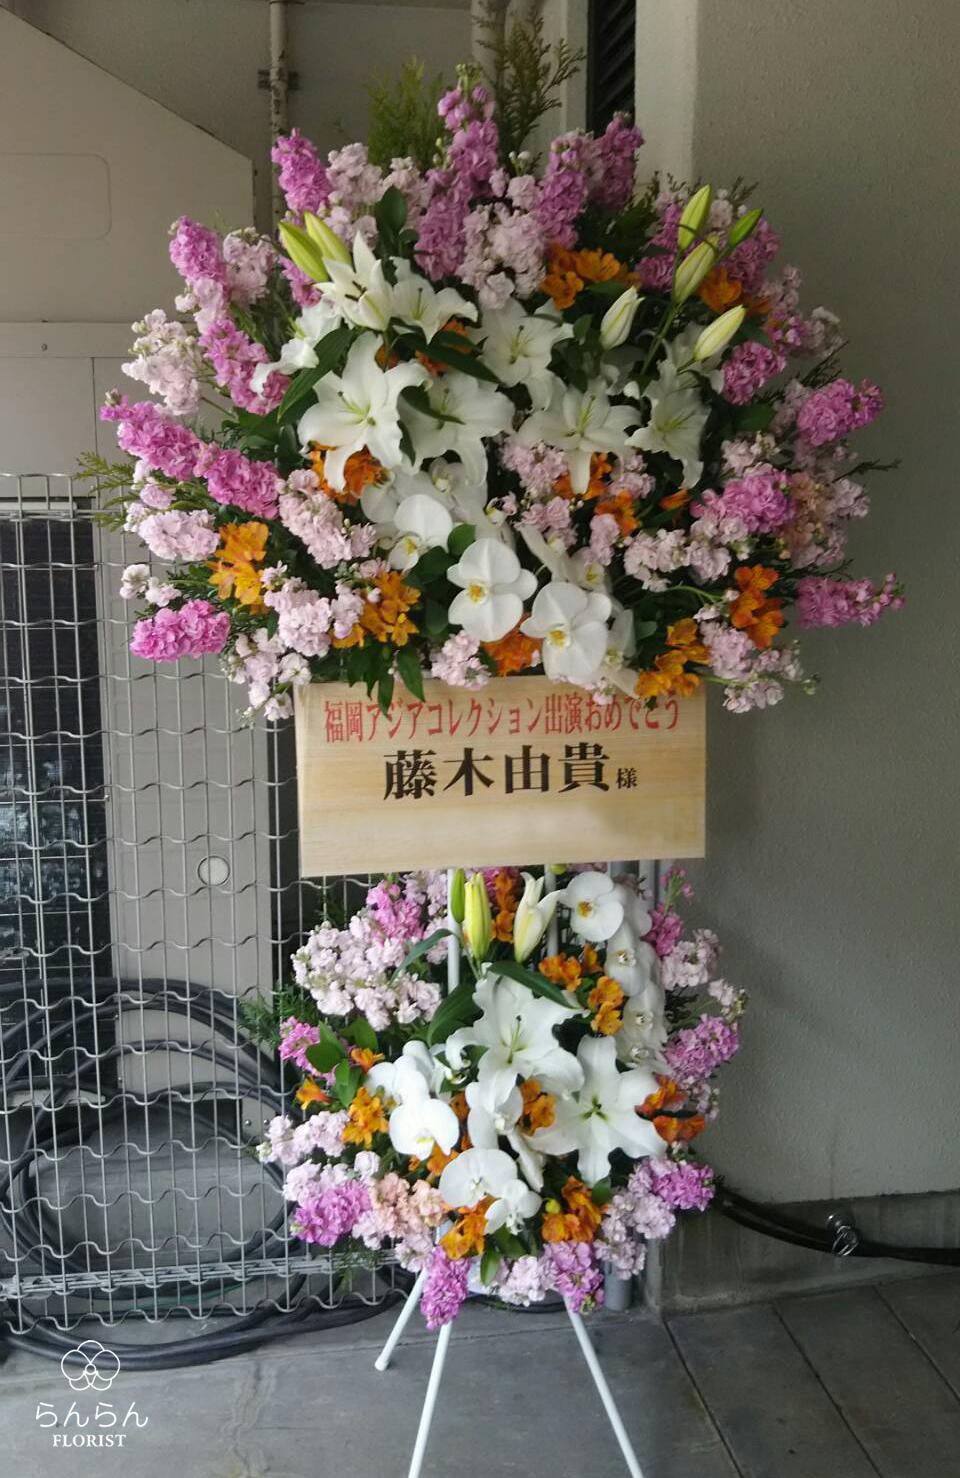 福岡アジアコレクション2018 藤木由貴 お祝いスタンド花